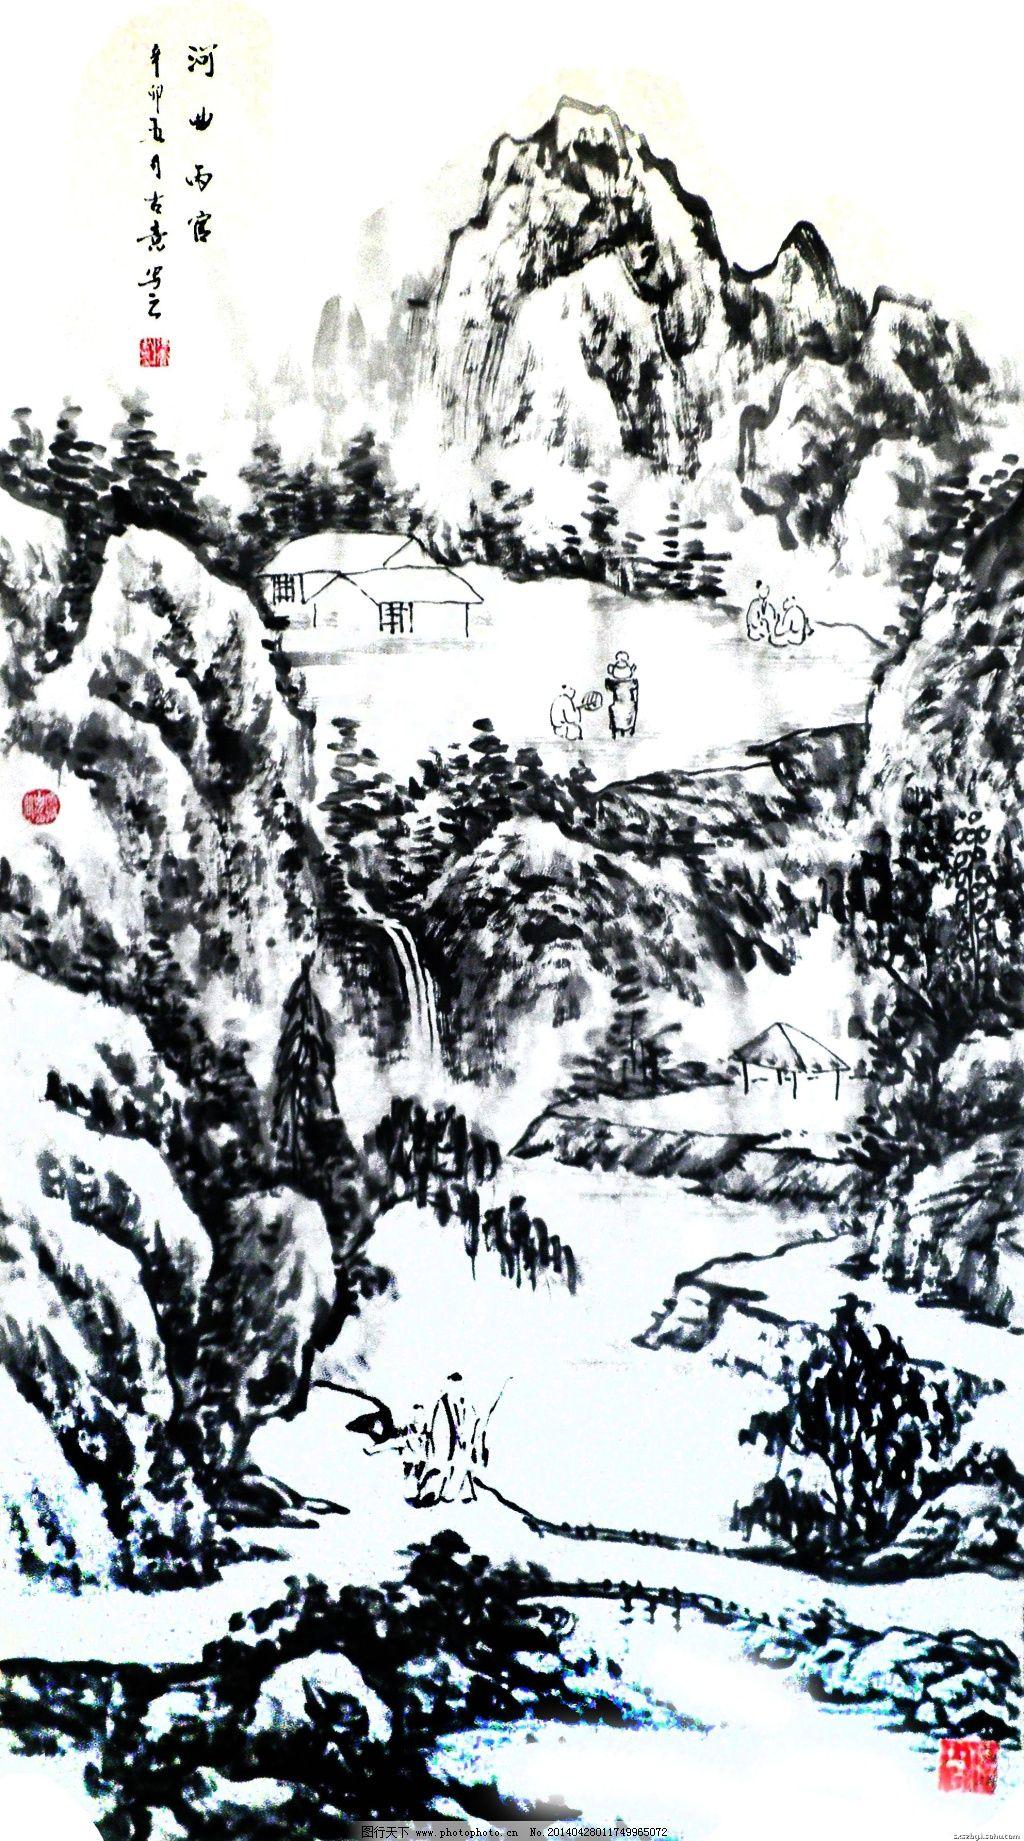 黑白山水免费下载 山水画 水墨画 素材 山水画 水墨画 素材 家居装饰图片